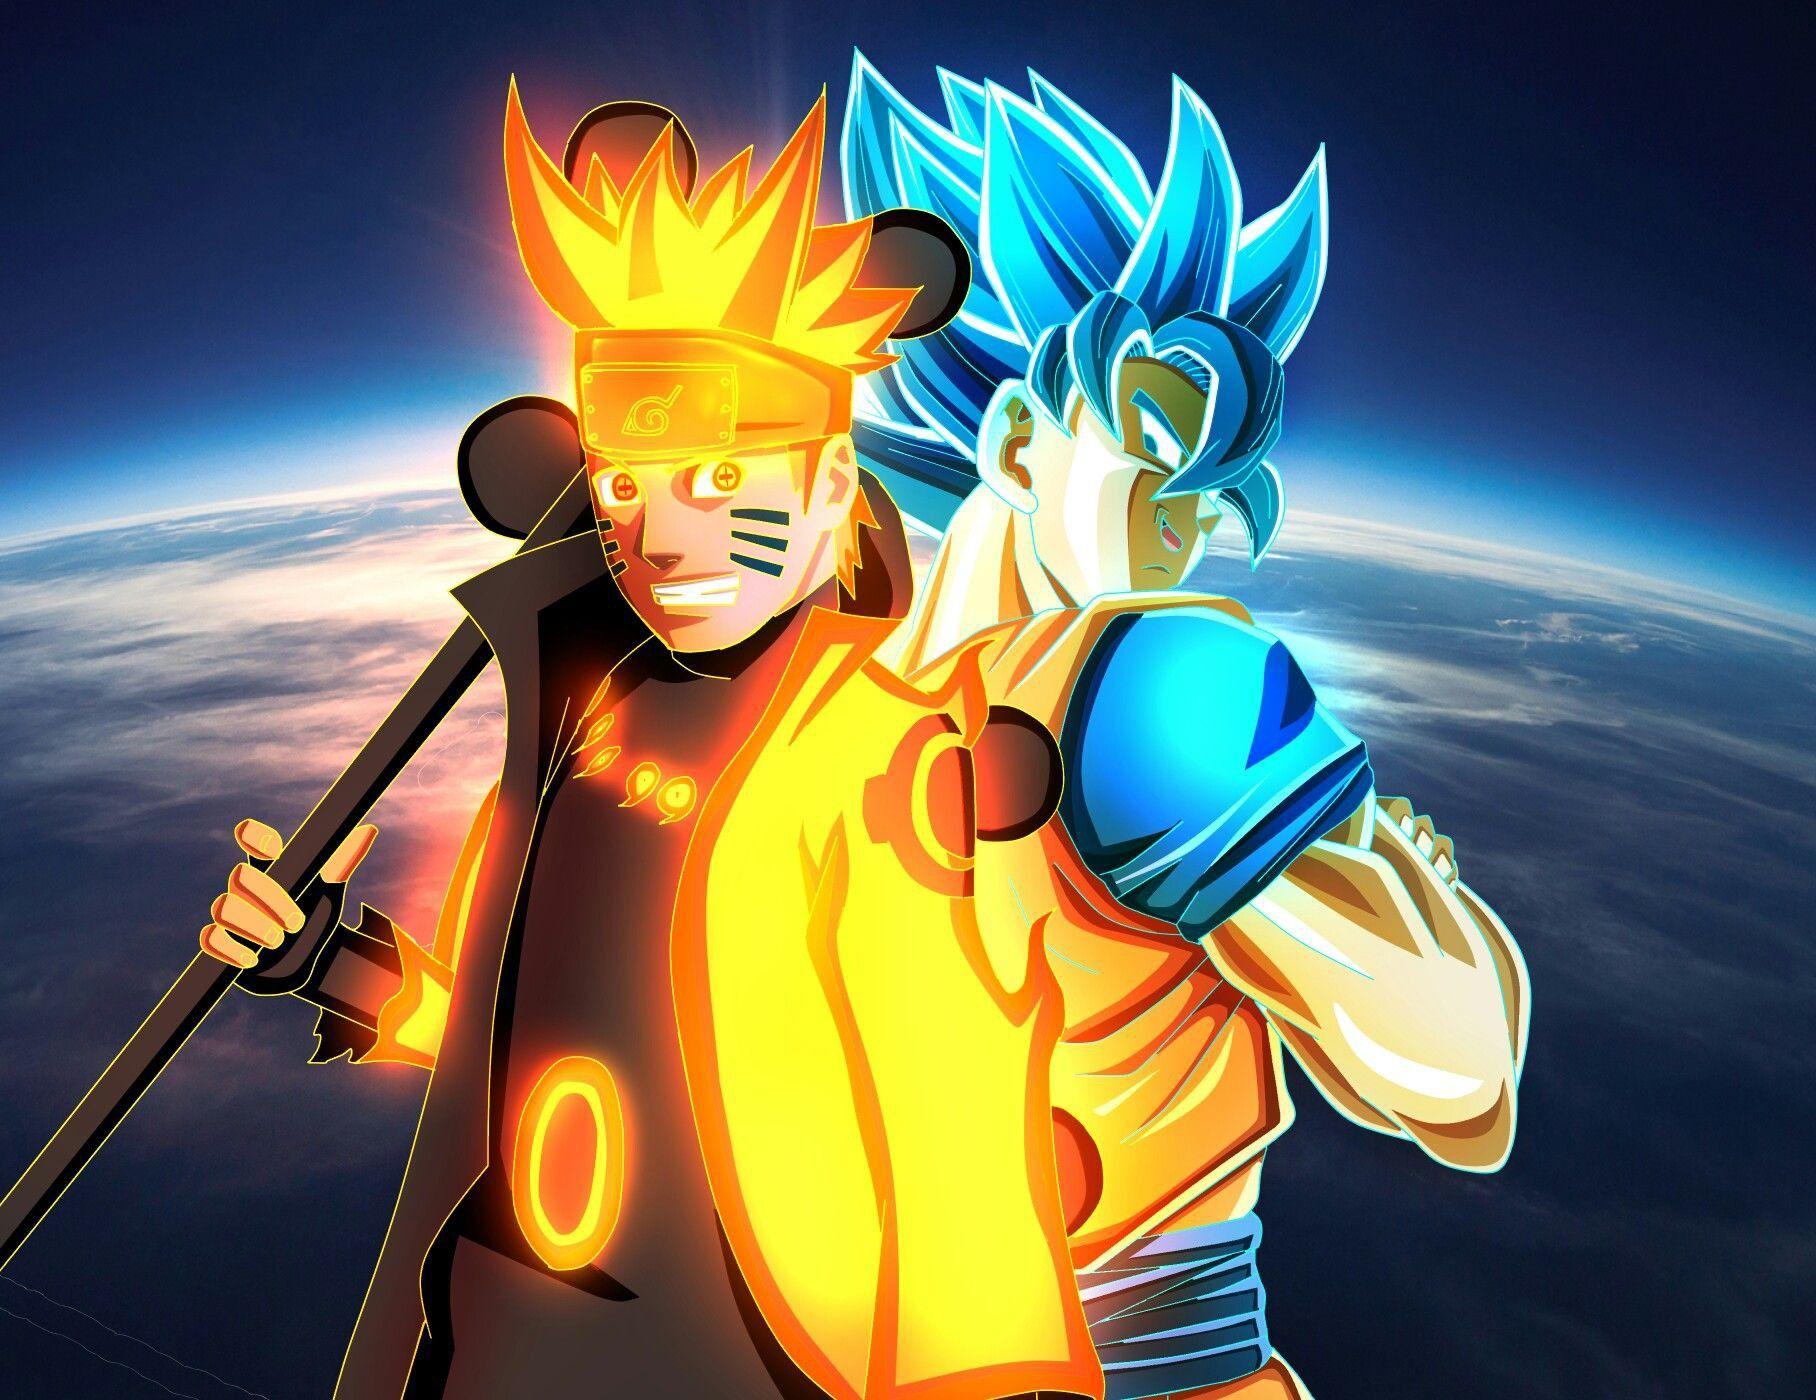 Naruto Goku Fondo De Pantalla De Anime Fondo De Anime Arte De Naruto